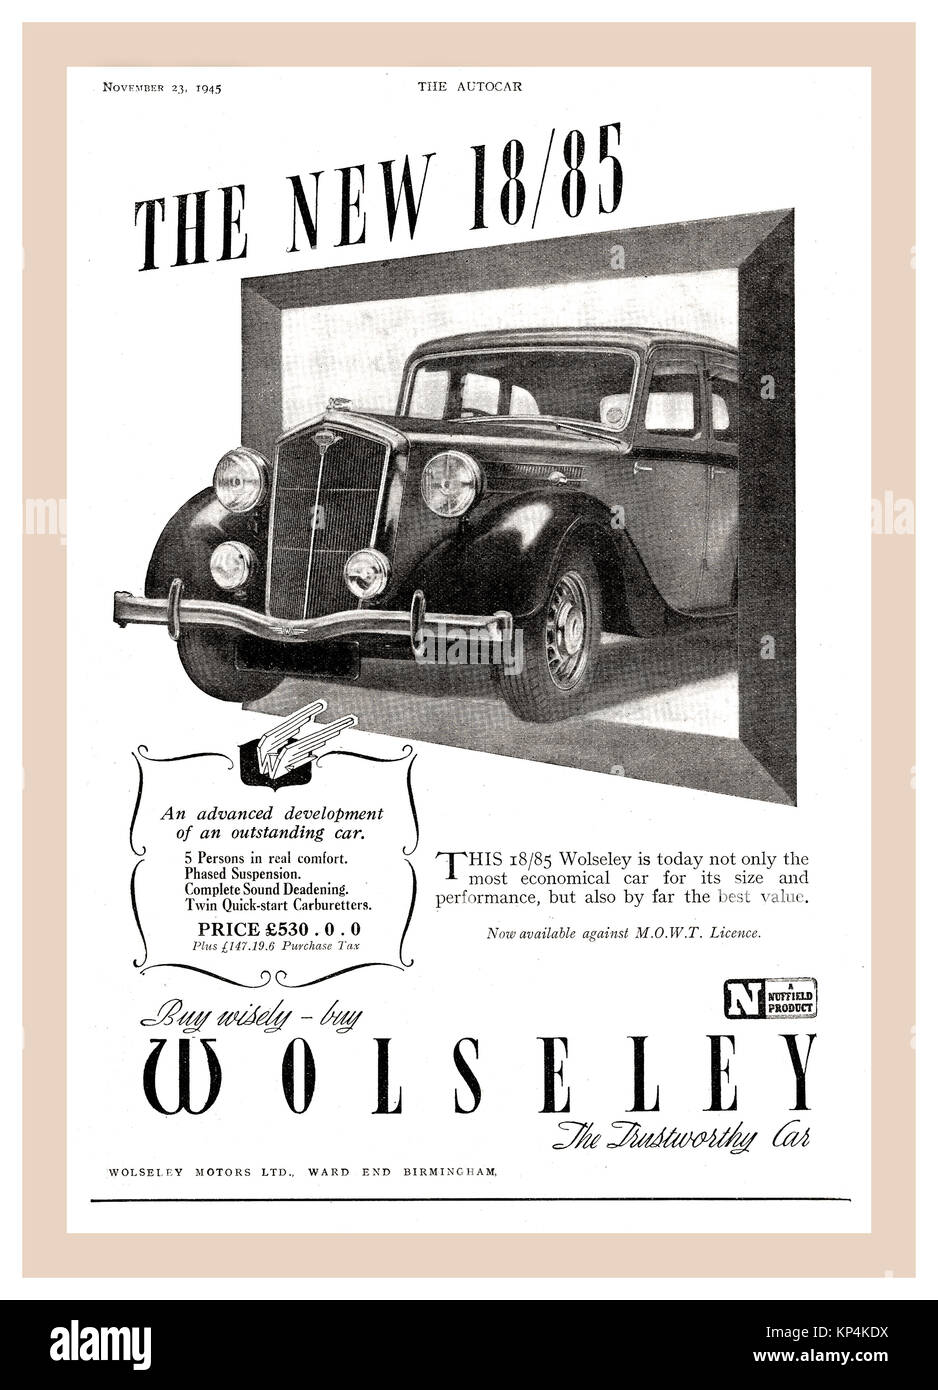 Vintage 30's /40's Autocar página publicidad para Wolseley 18/85 (1938 a 1948) el automóvil Wolseley Imagen De Stock